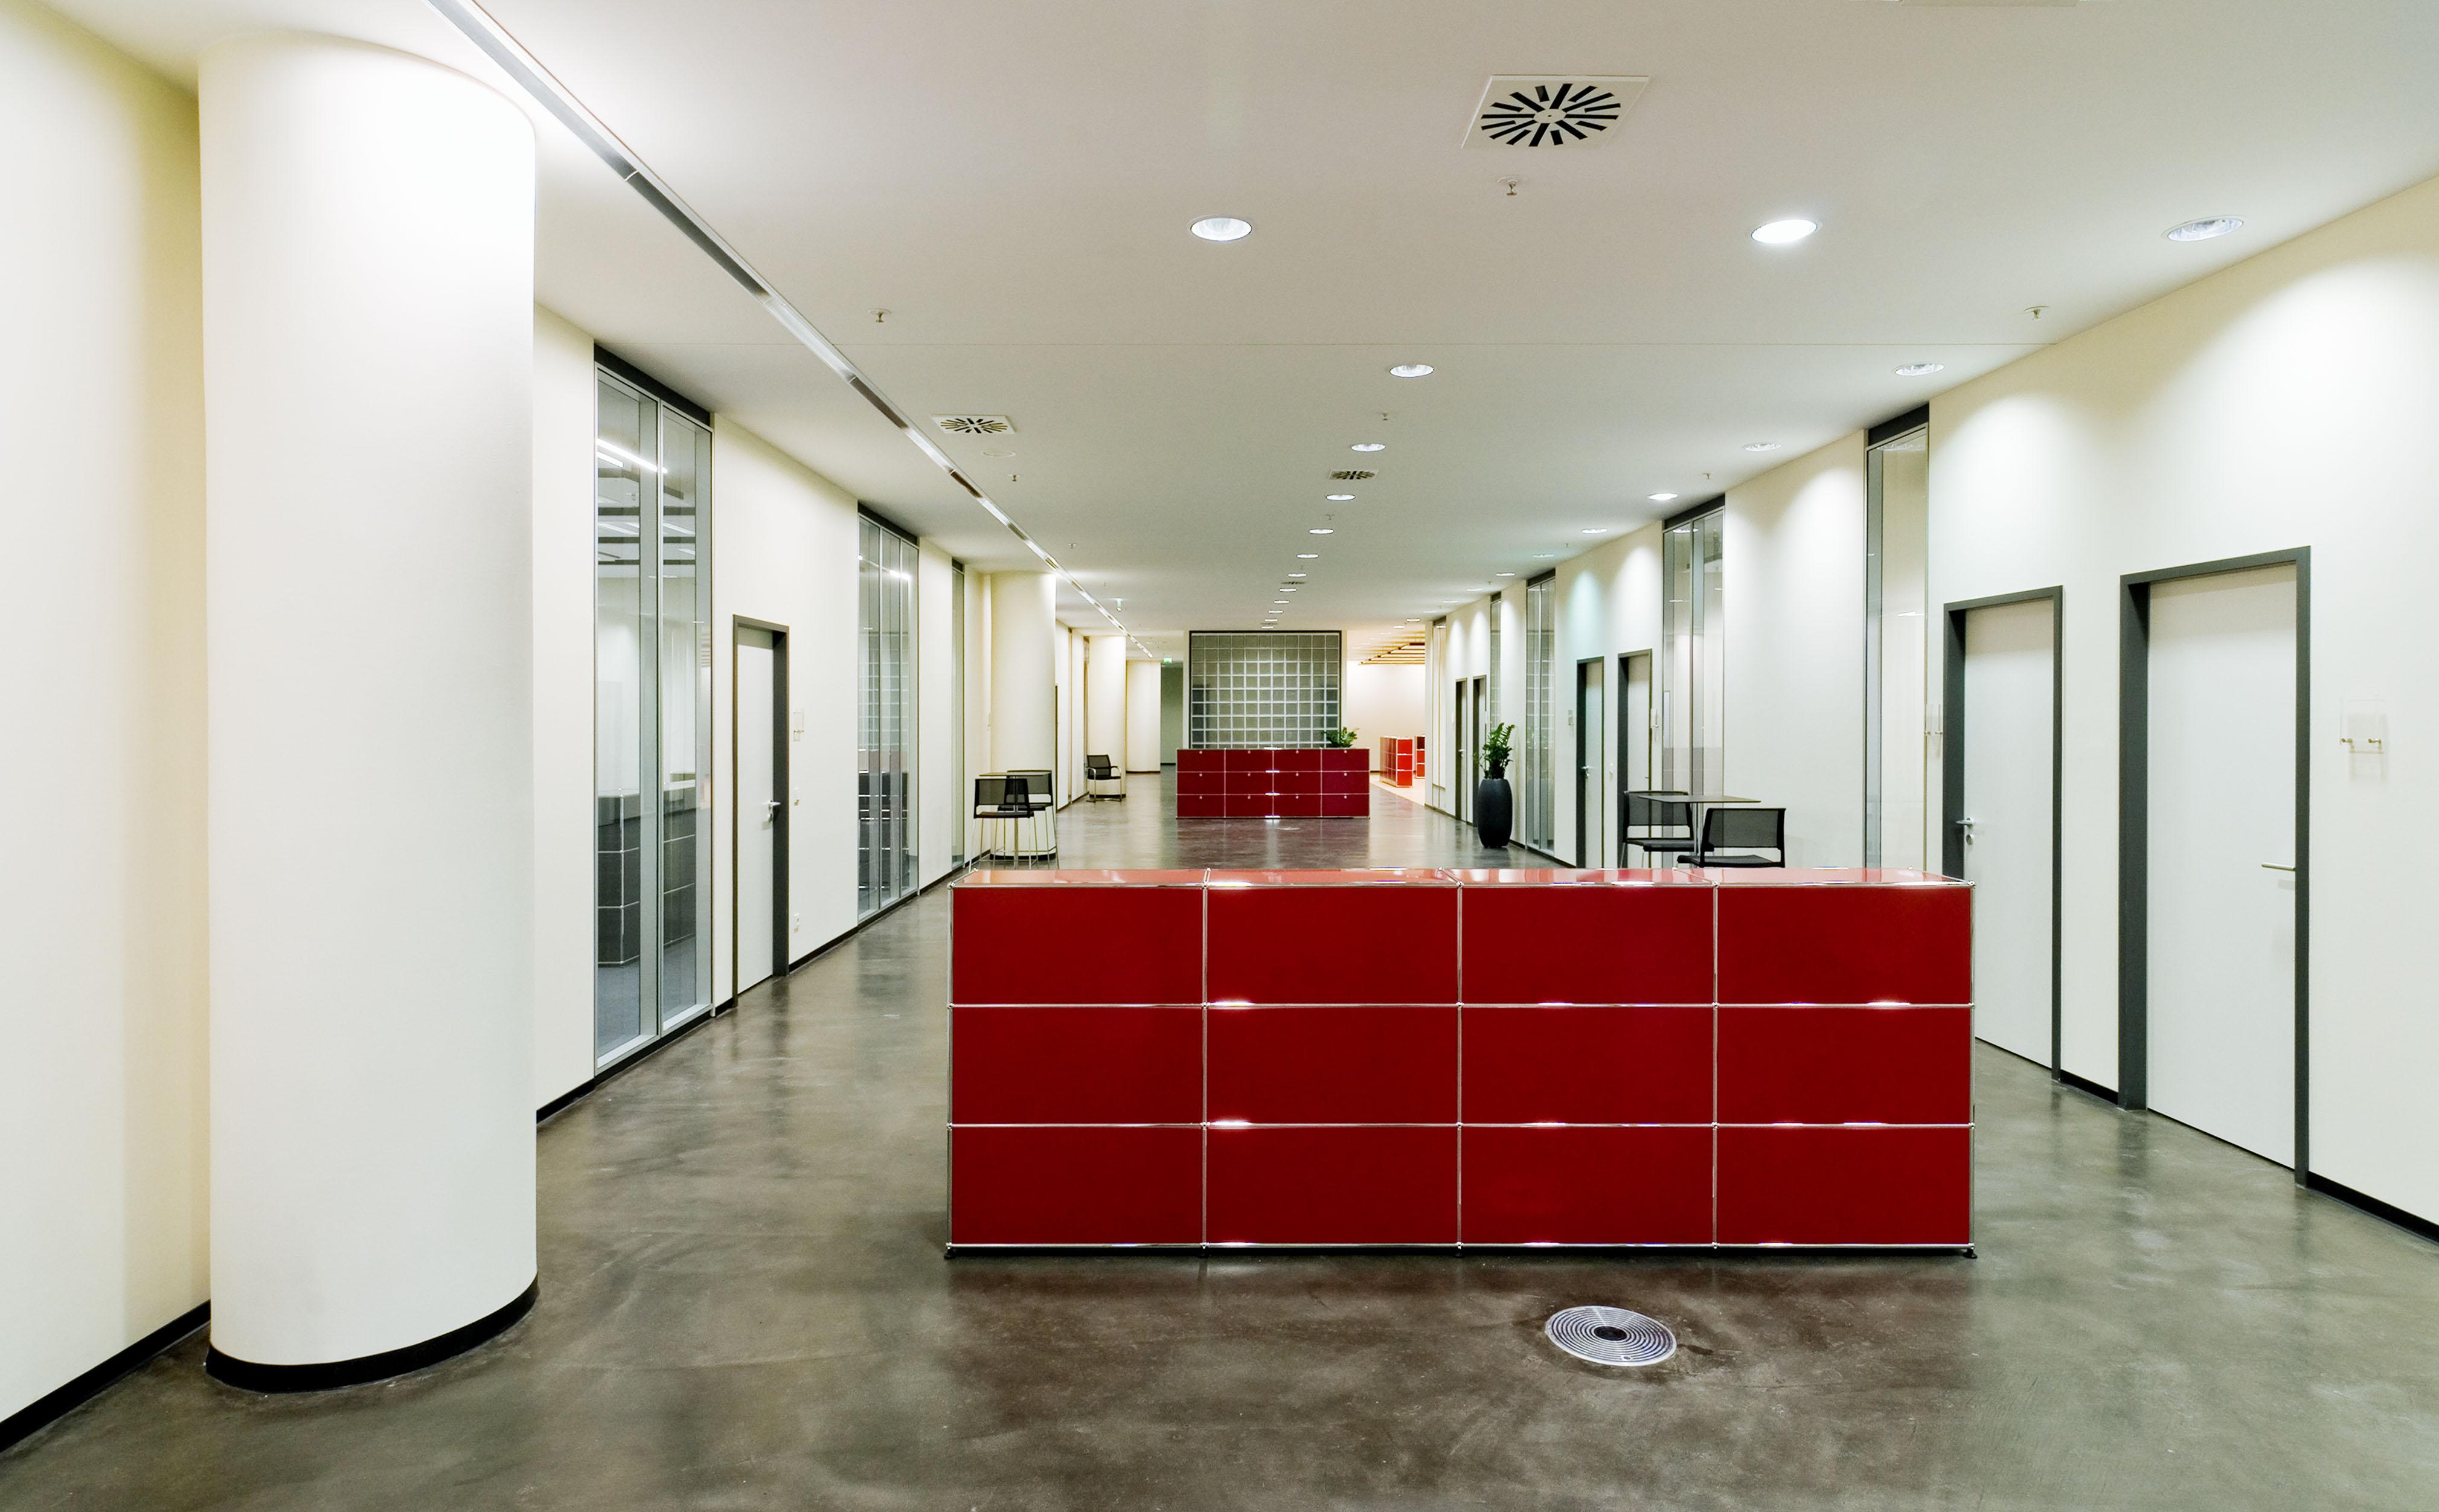 Mieterausbau, Büro- und Geschäftshaus Mainz am Brand